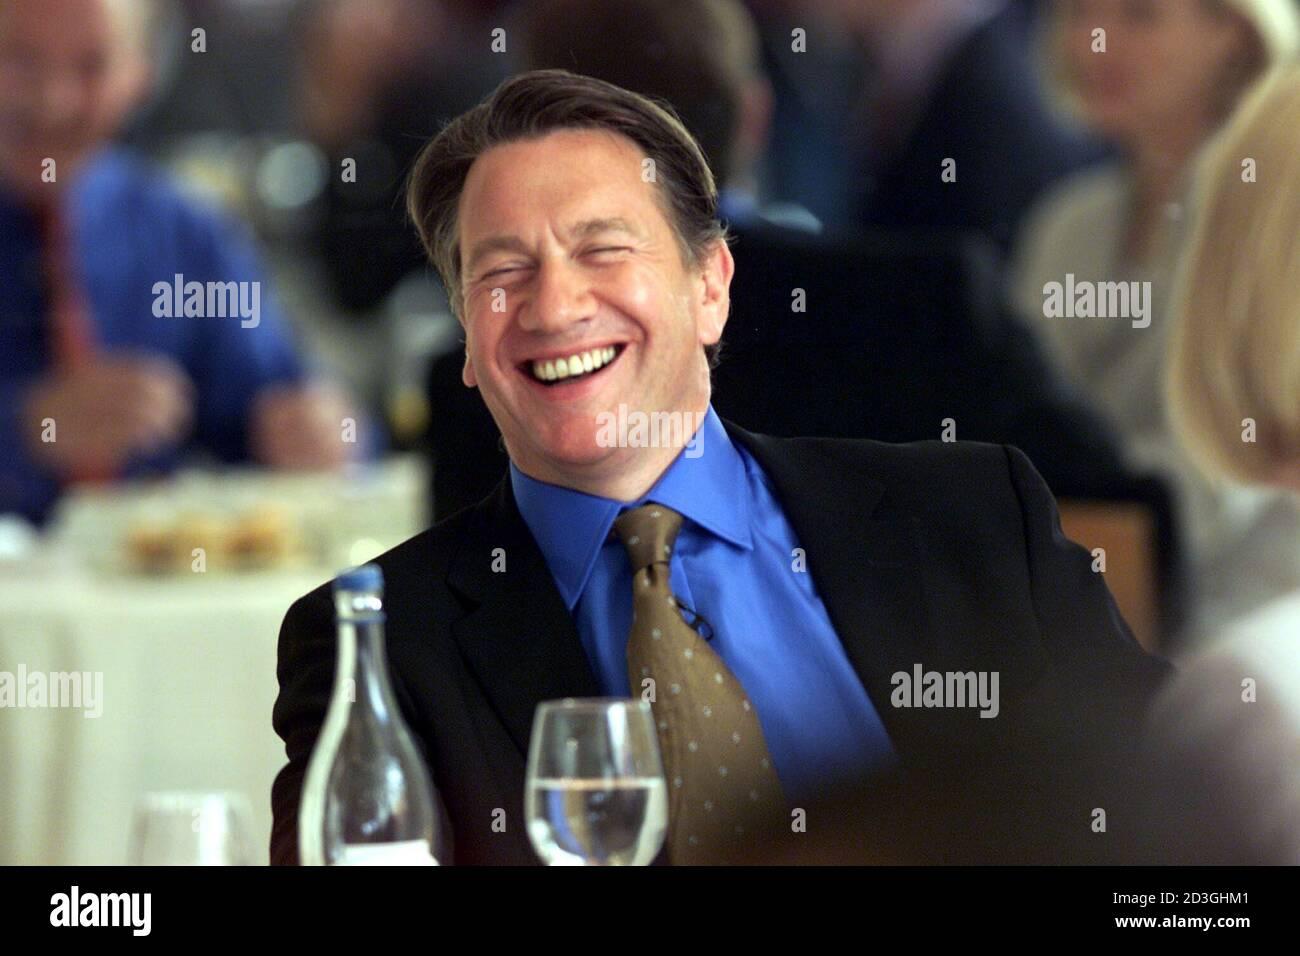 Michael Portillo, Canciller de la sombra de Gran Bretaña, se ríe mientras lanza oficialmente su manifiesto de campaña para el liderazgo del Partido Conservador Británico el 21 de junio de 2001 en el Avenue Restaurant de Londres. Hablando en el lanzamiento oficial, Portillo dijo a su audiencia de partidarios que el Partido Conservador necesitaba tener el valor de hacer un cambio. BR Foto de stock